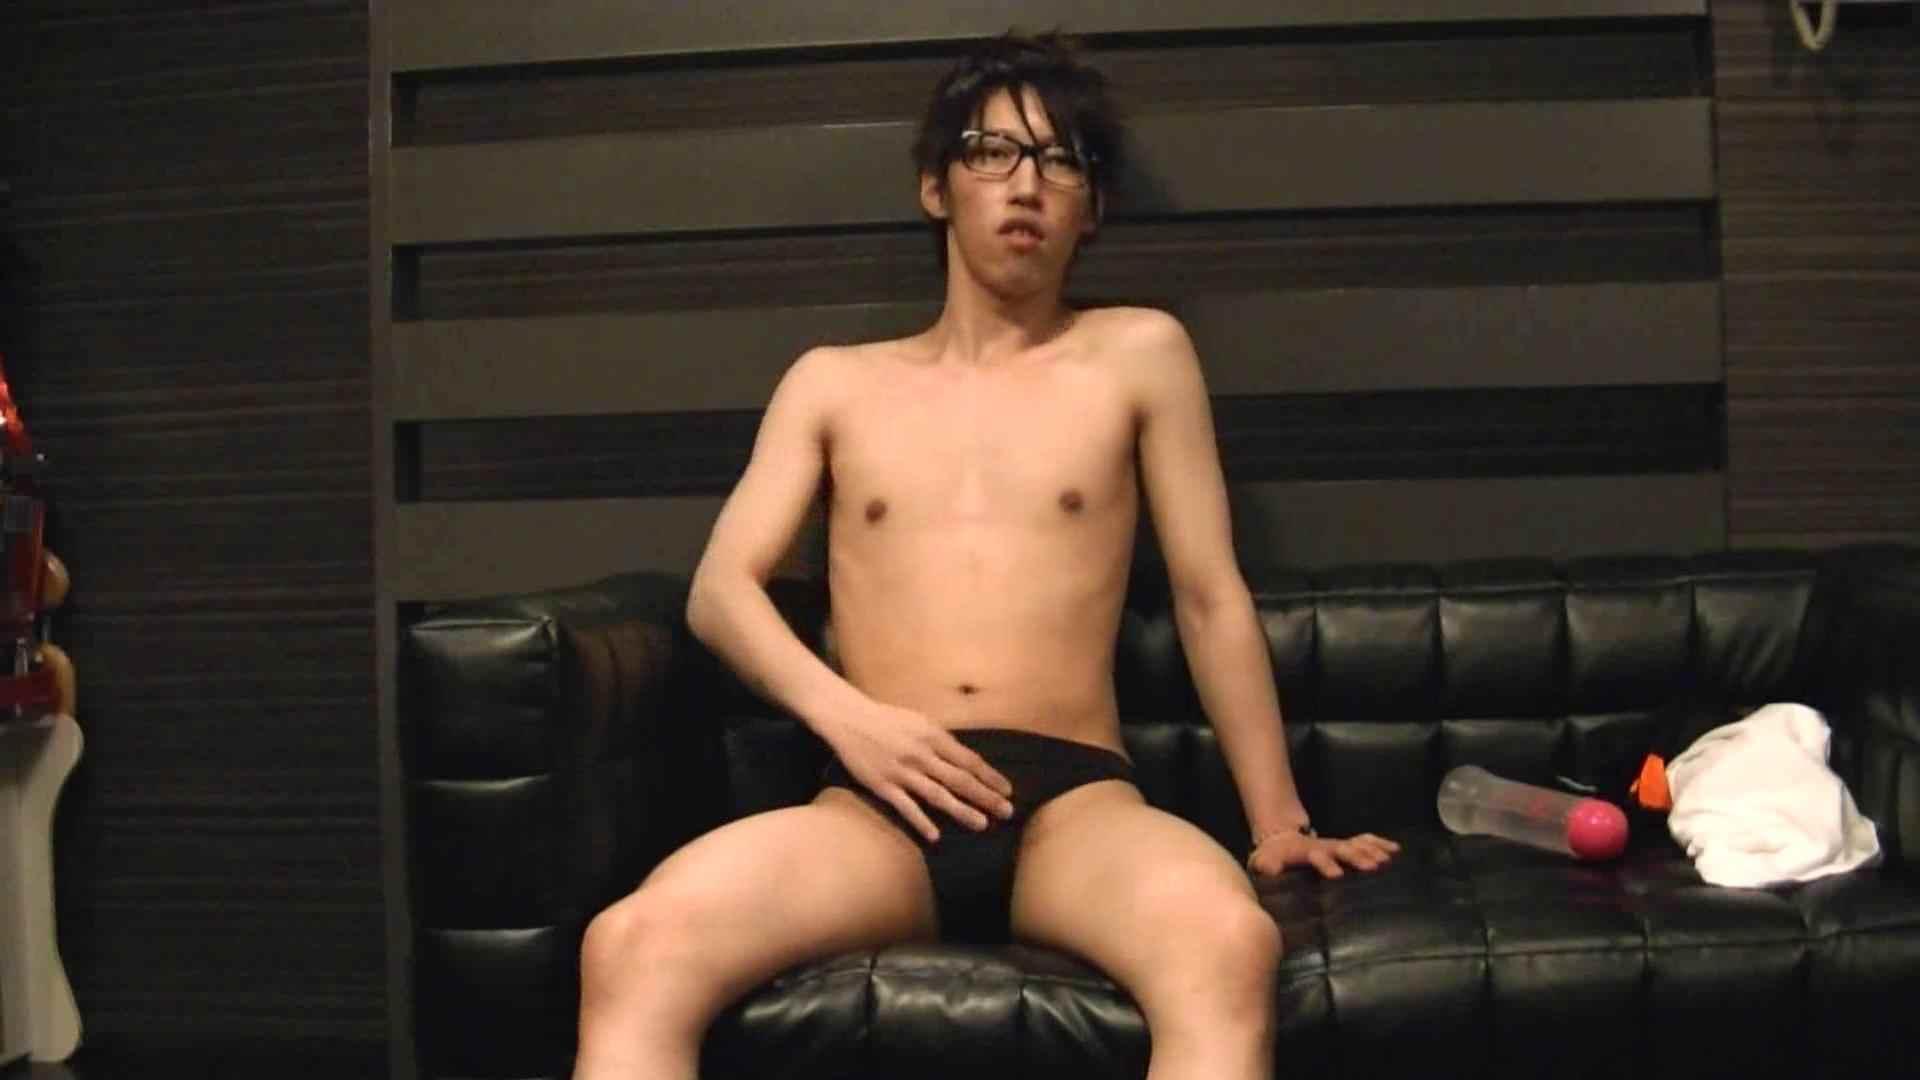 ONA見せカーニバル!! Vol3 ゲイのオナニー映像  103枚 2